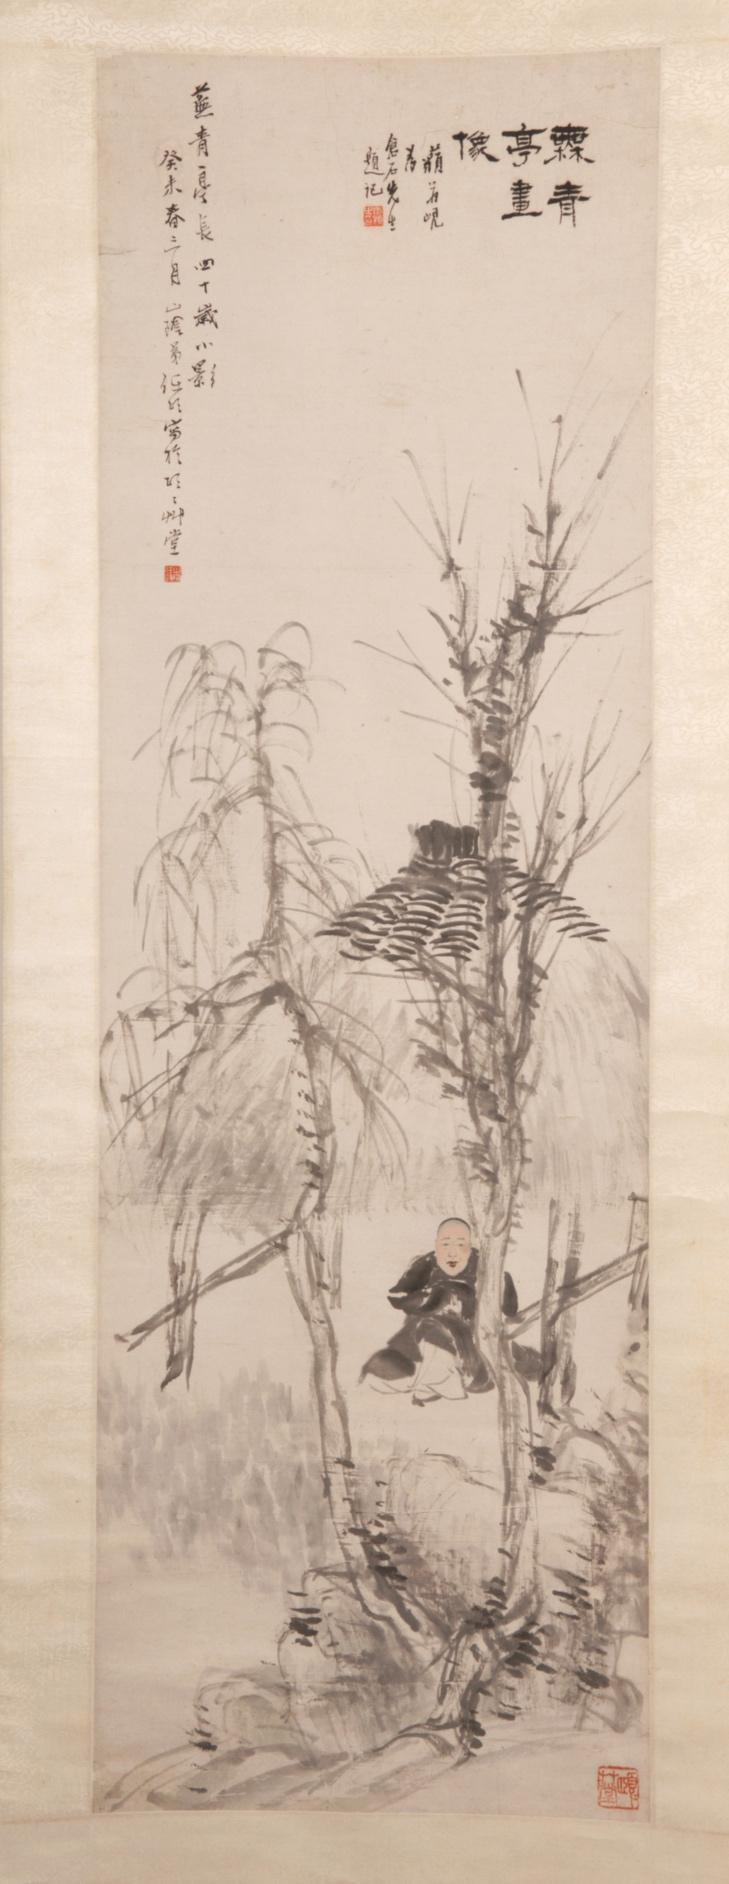 任伯年 芜青亭长像 1883年作 浙江安吉县博物馆藏